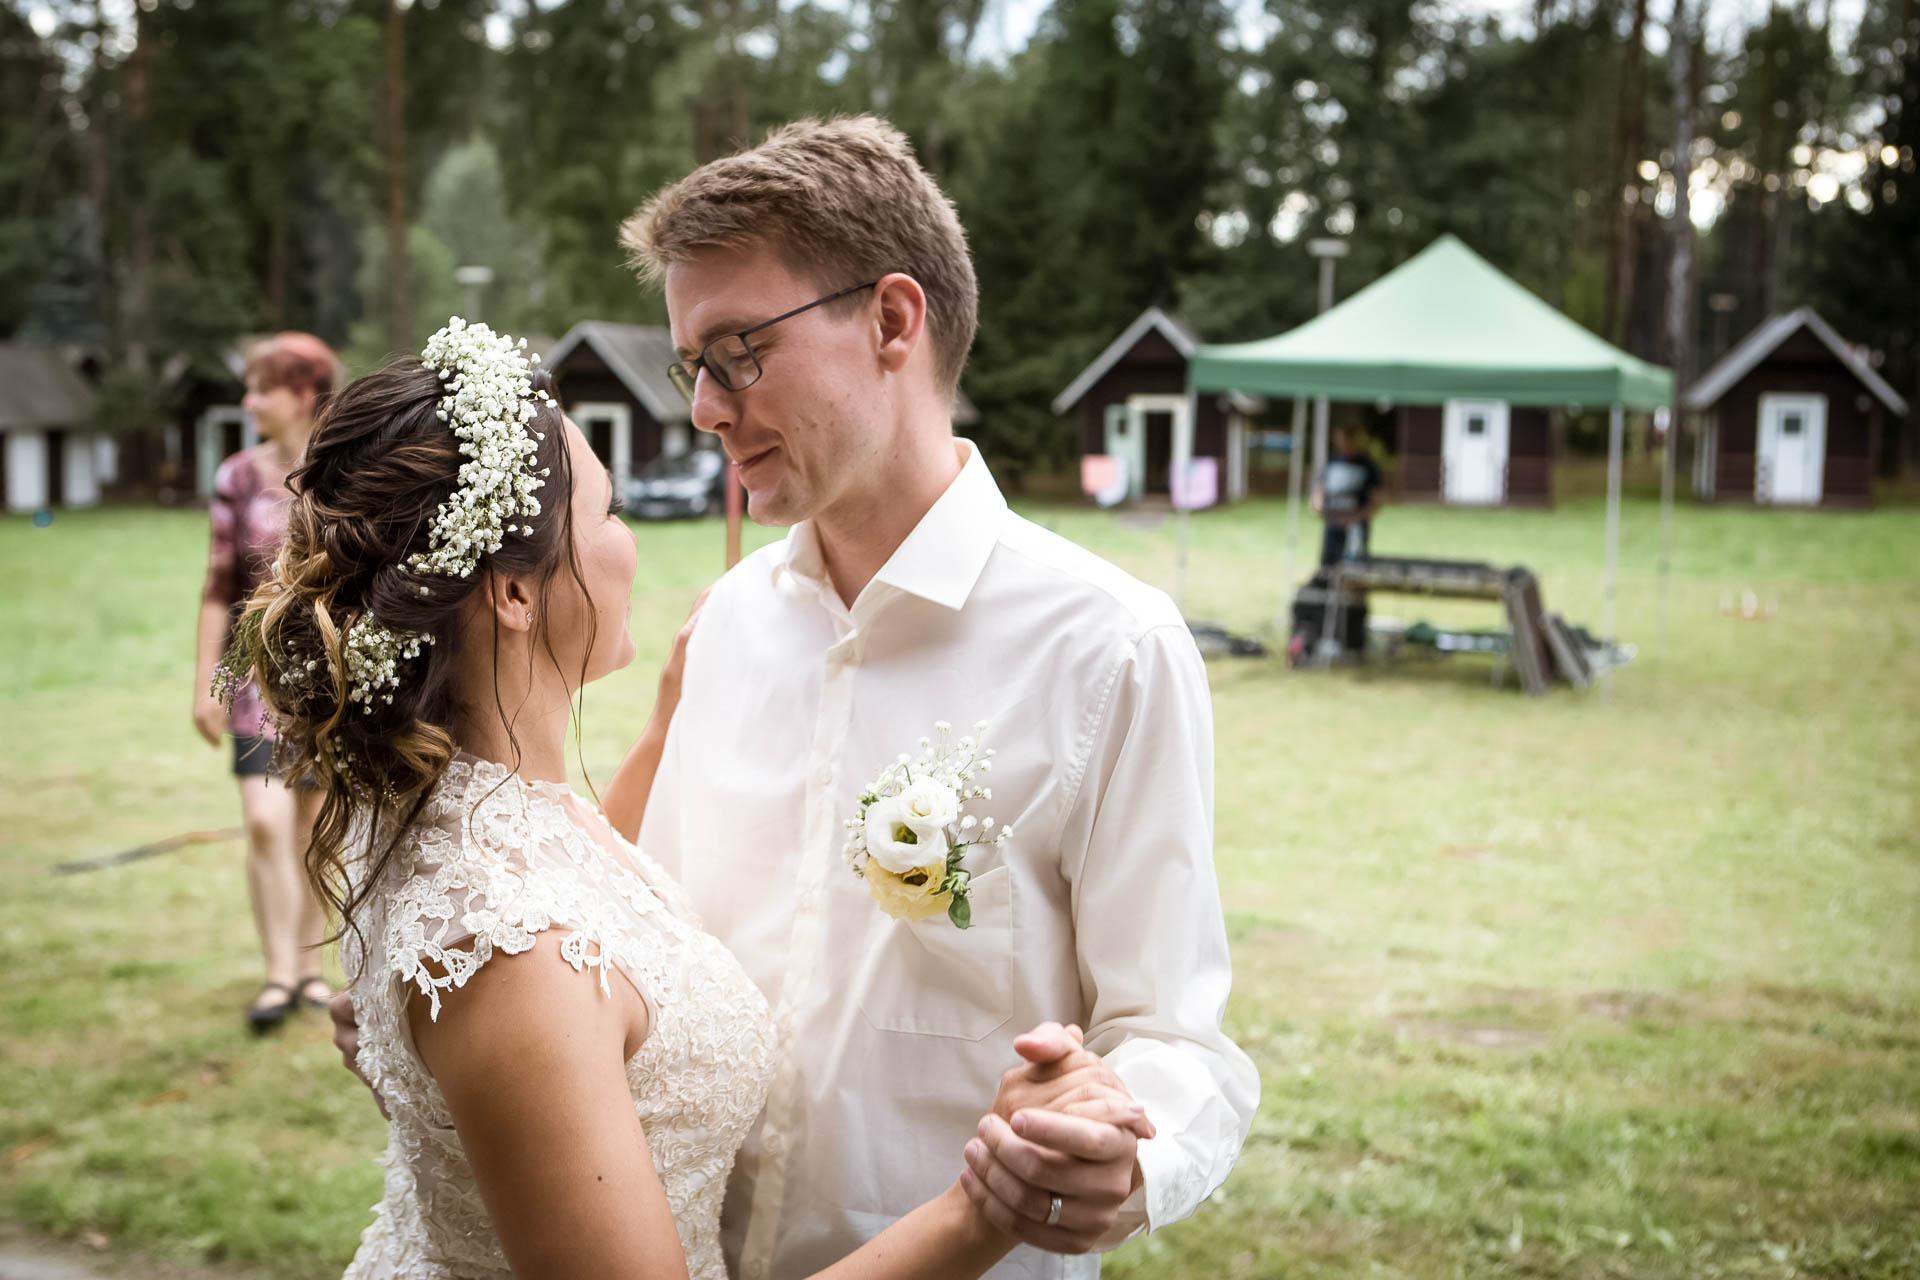 svatební fotograf boho svatba přírodní svatba-75